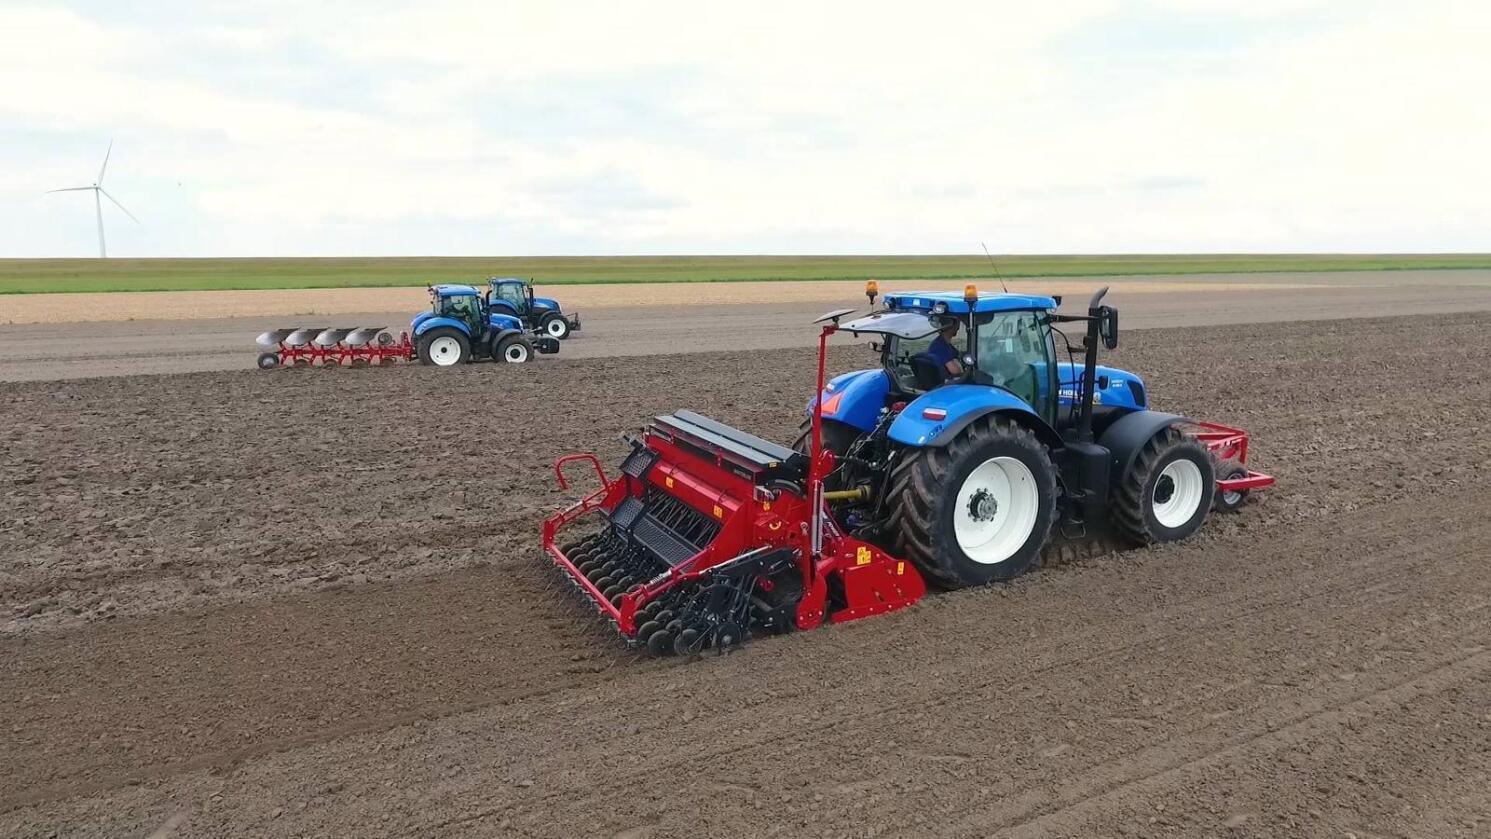 New Holland Agriculture skal i framtiden forvalte arven fra Överum, Kongskilde og JF. (Foto: Kongskilde)